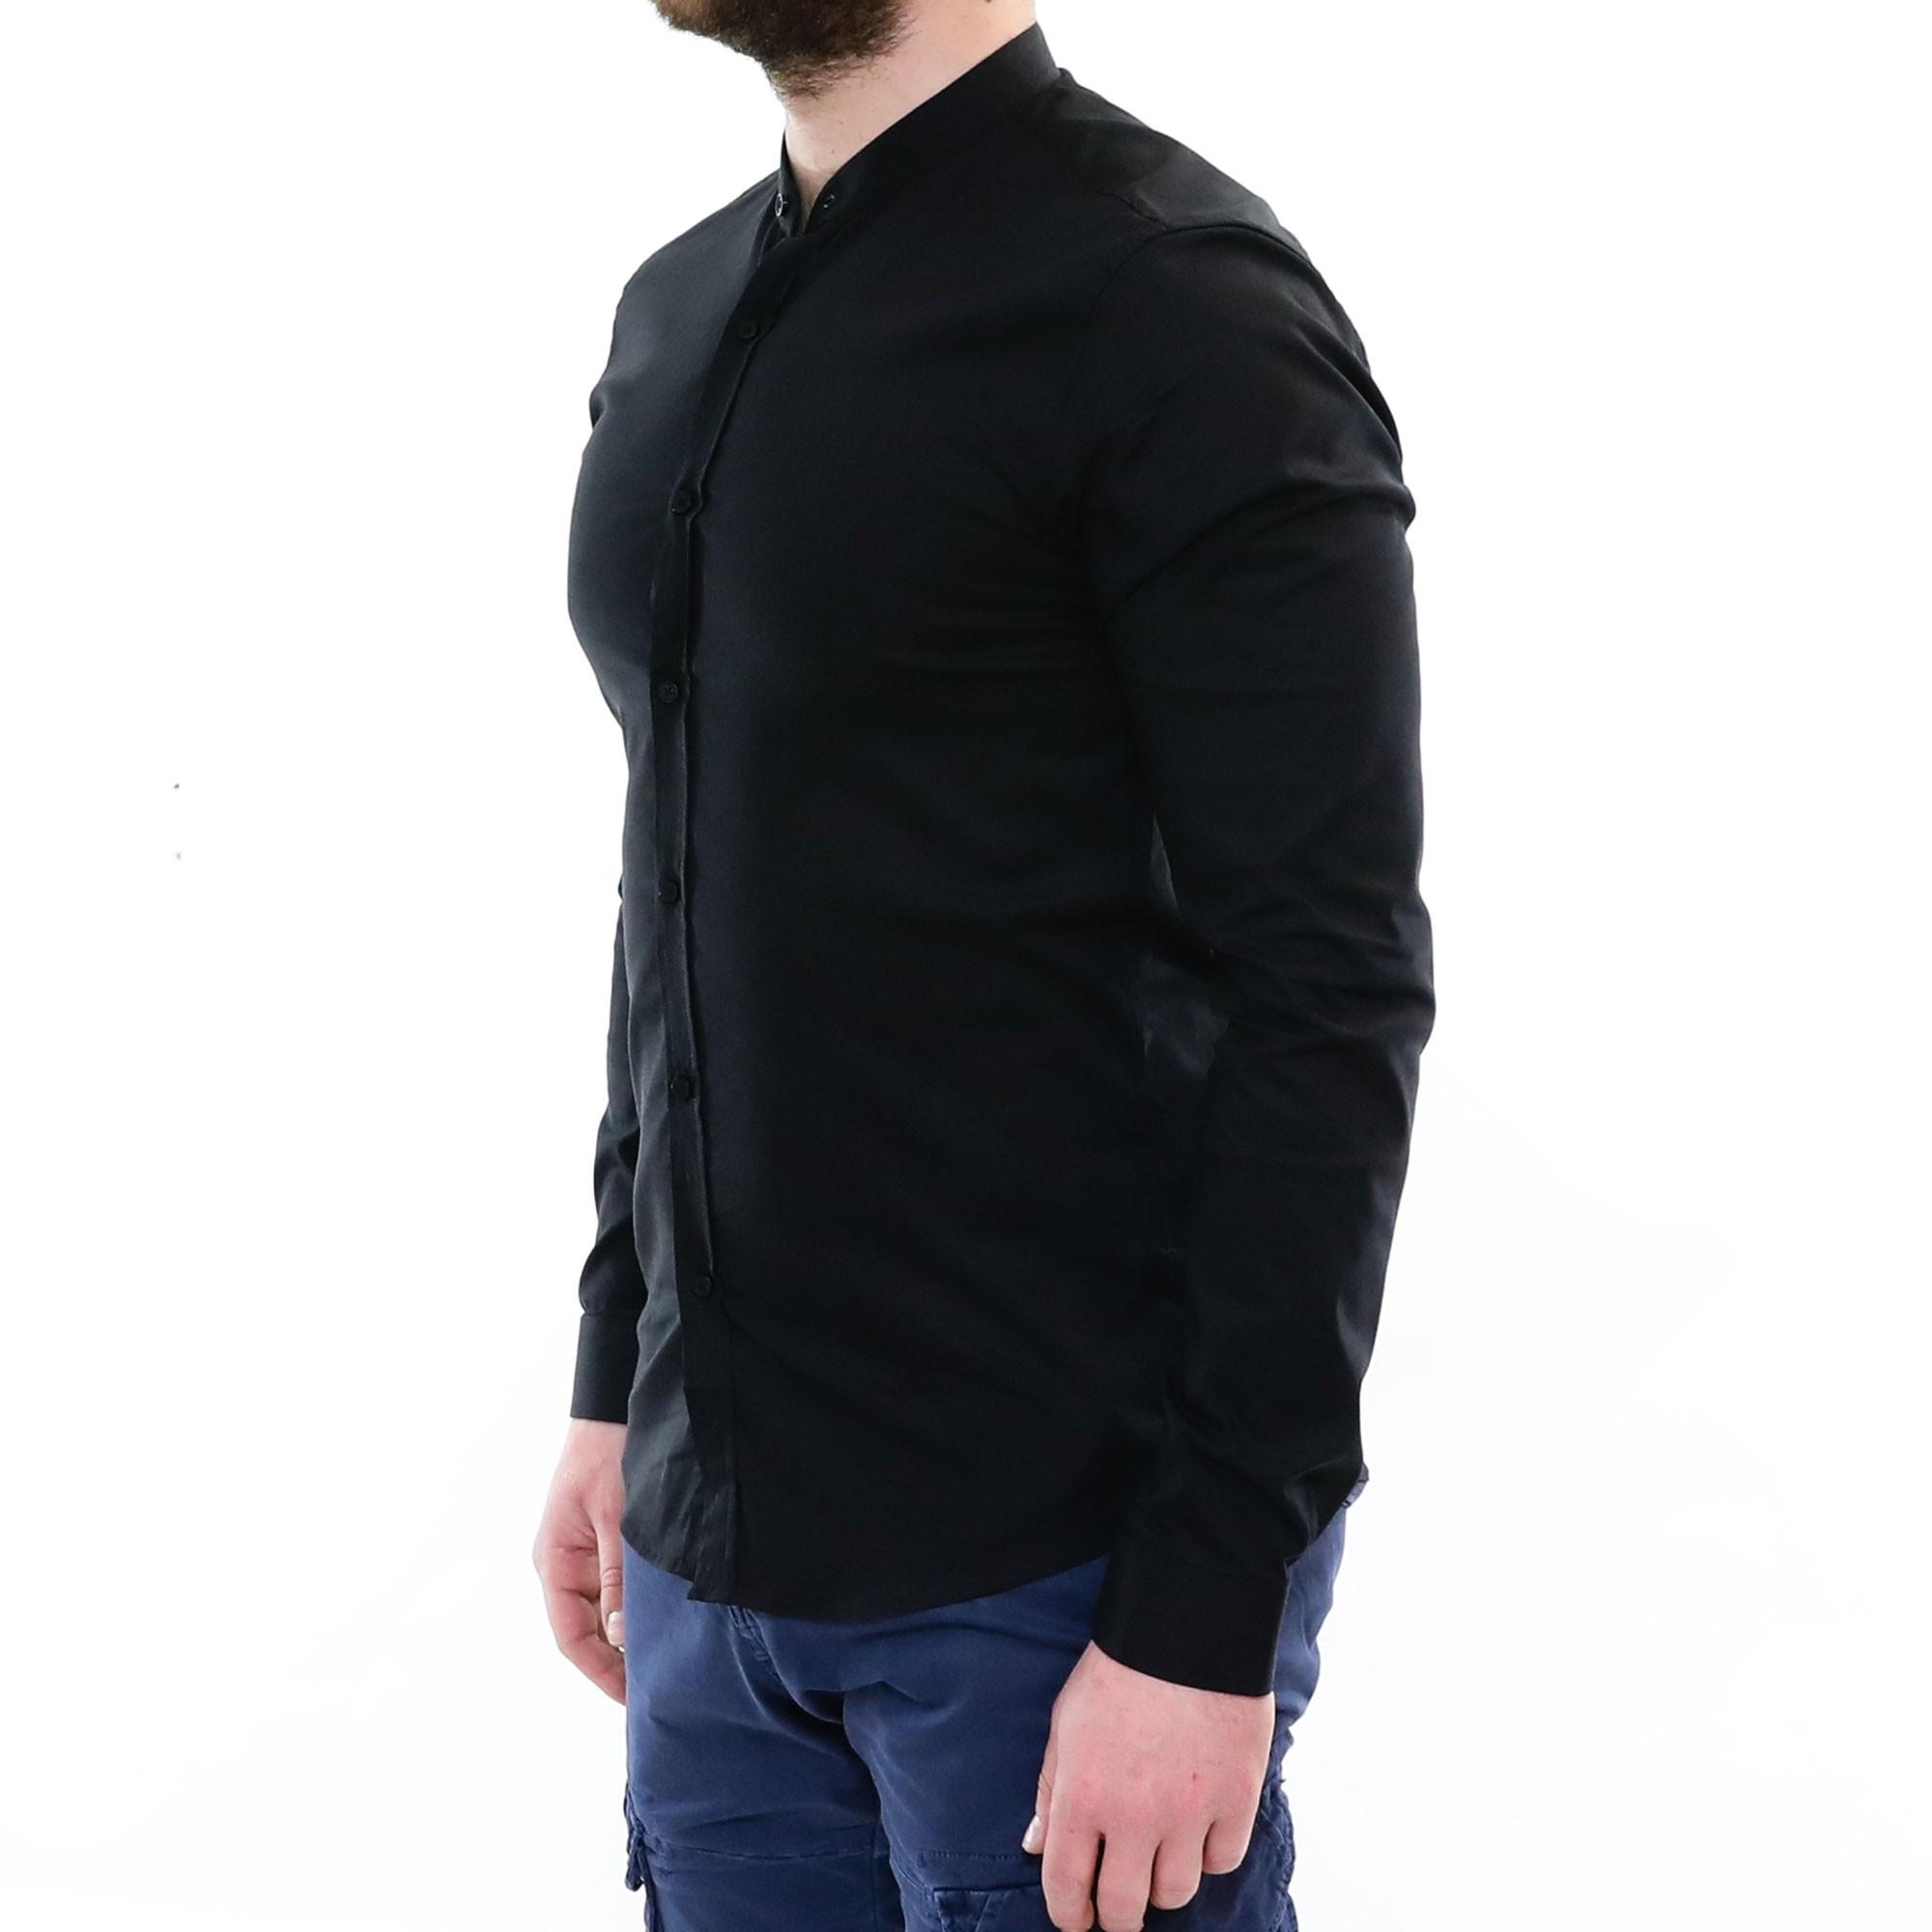 Camicia-Uomo-Collo-Coreana-Slim-Fit-Serafino-Bianca-Blu-Nera-Cotone-Casual miniatura 17